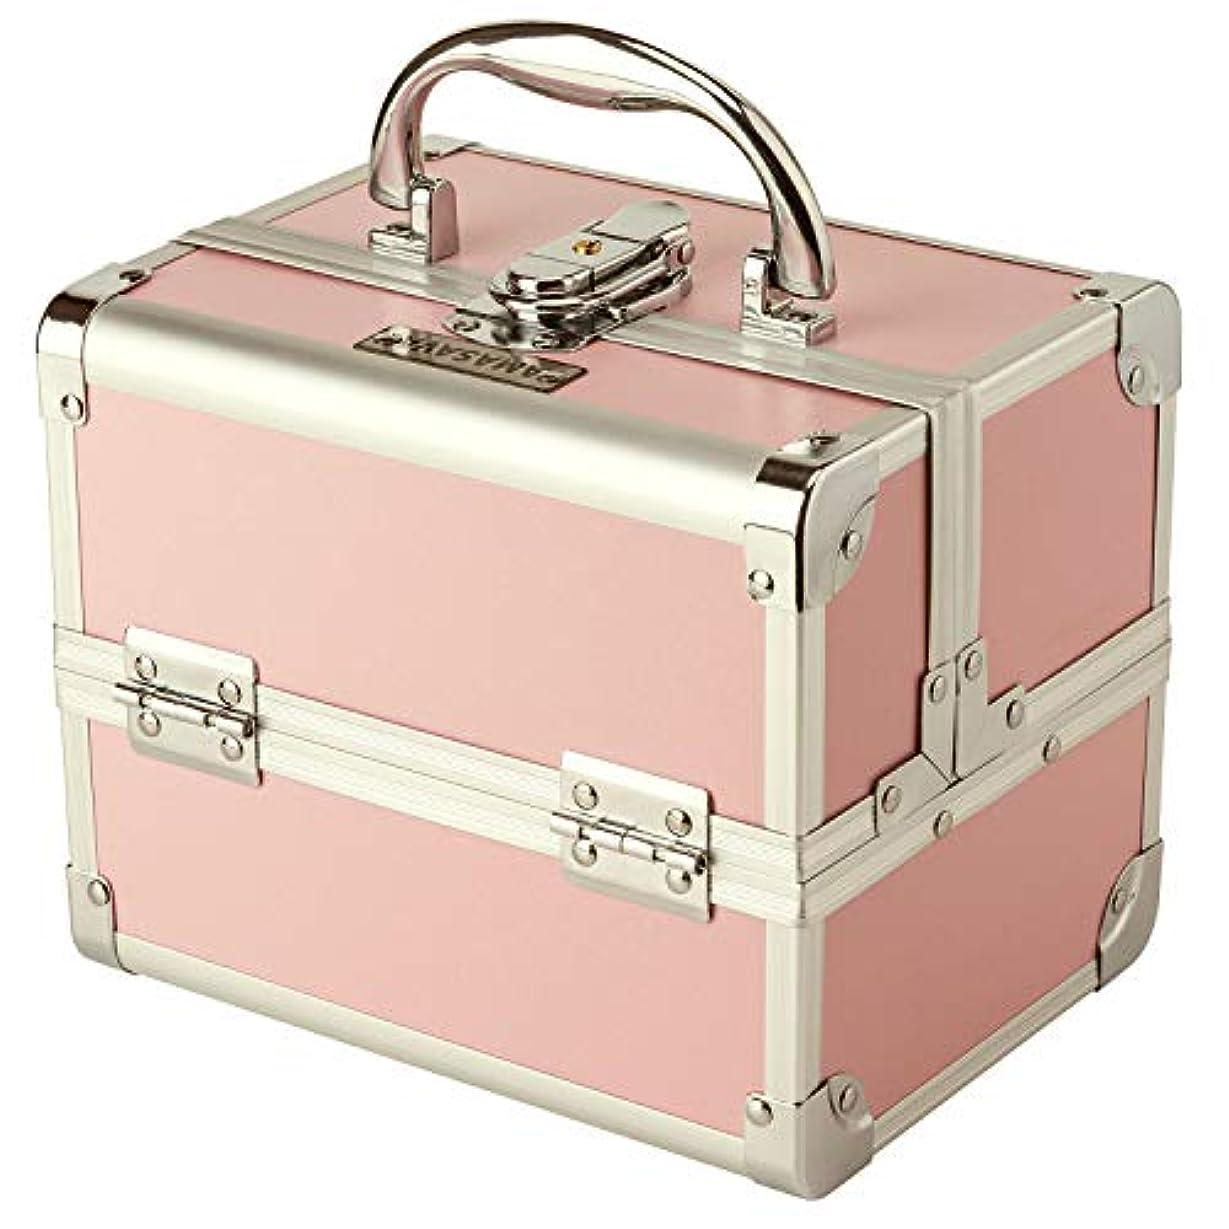 優れた勃起ループAmasava メイクボックス 鏡付き コスメボックス プロ用 収納ボックス 化粧品 ジュエリー ネイルカラー メイク道具入れ 鍵付き コンパクト ピンク